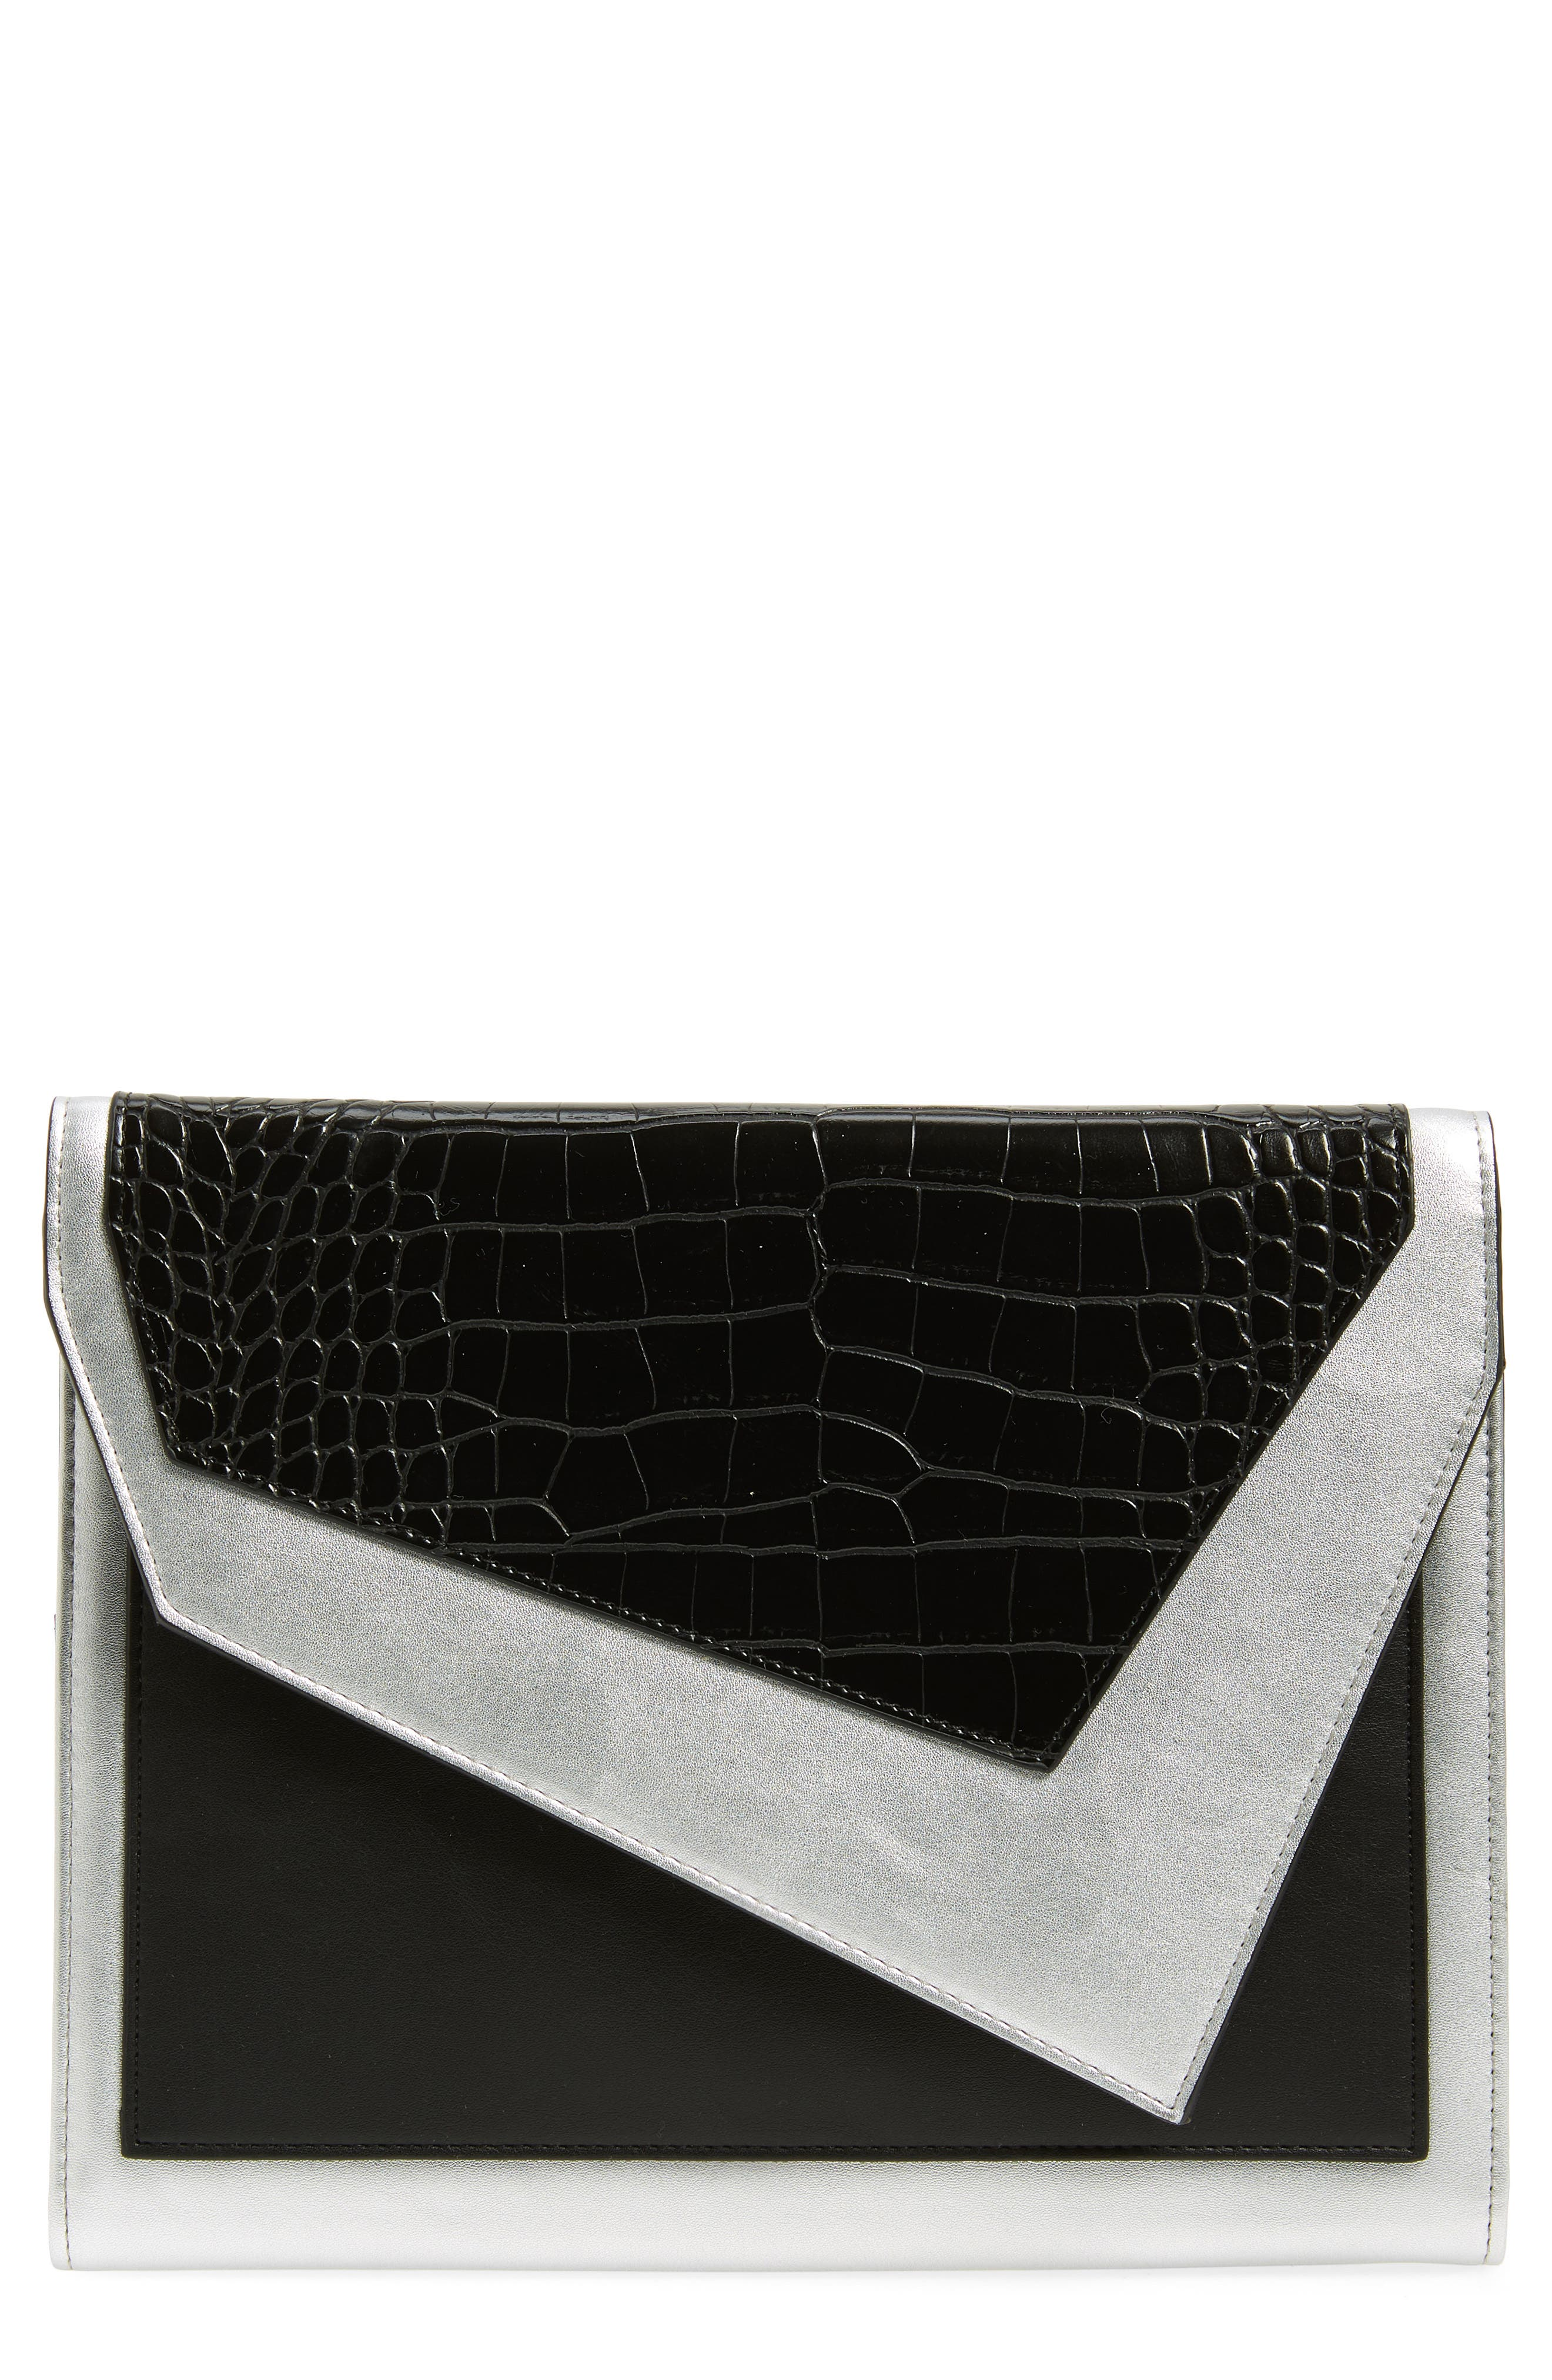 LEITH Colorblock Faux Leather Envelope Clutch, Main, color, 001